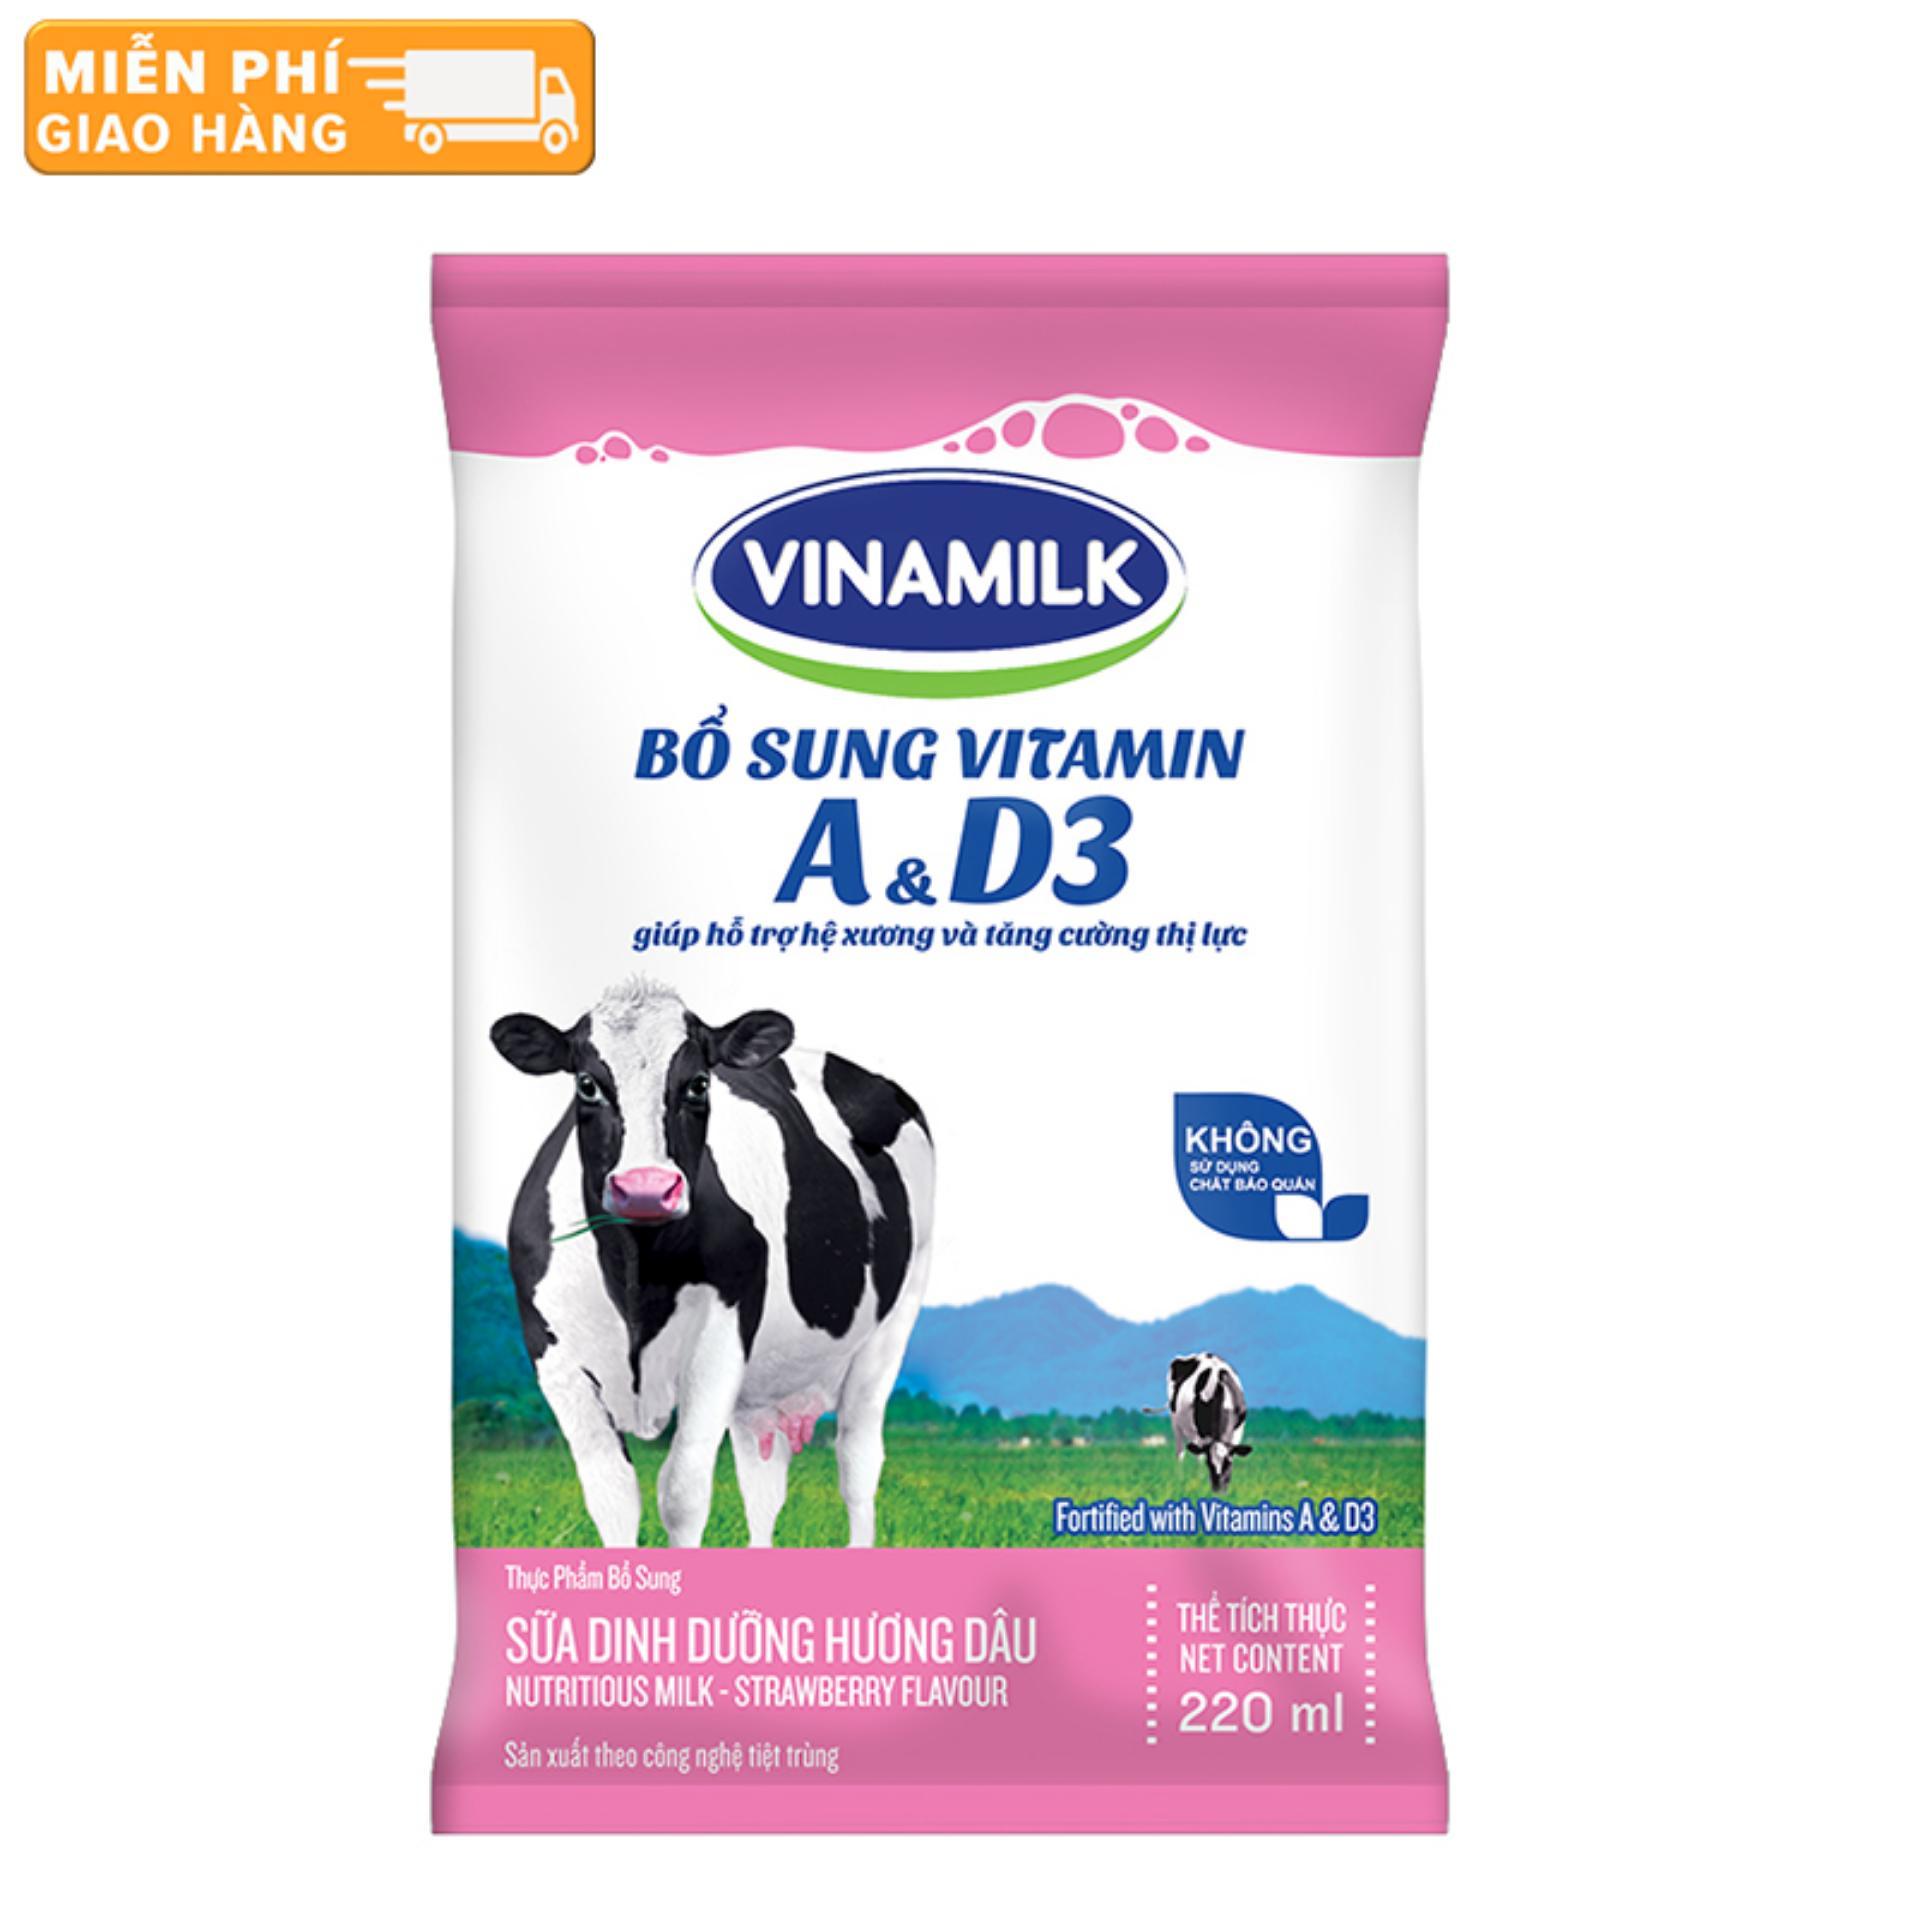 Thùng 48 Bịch Sữa tiệt trùng Vinamilk hương dâu 220ml